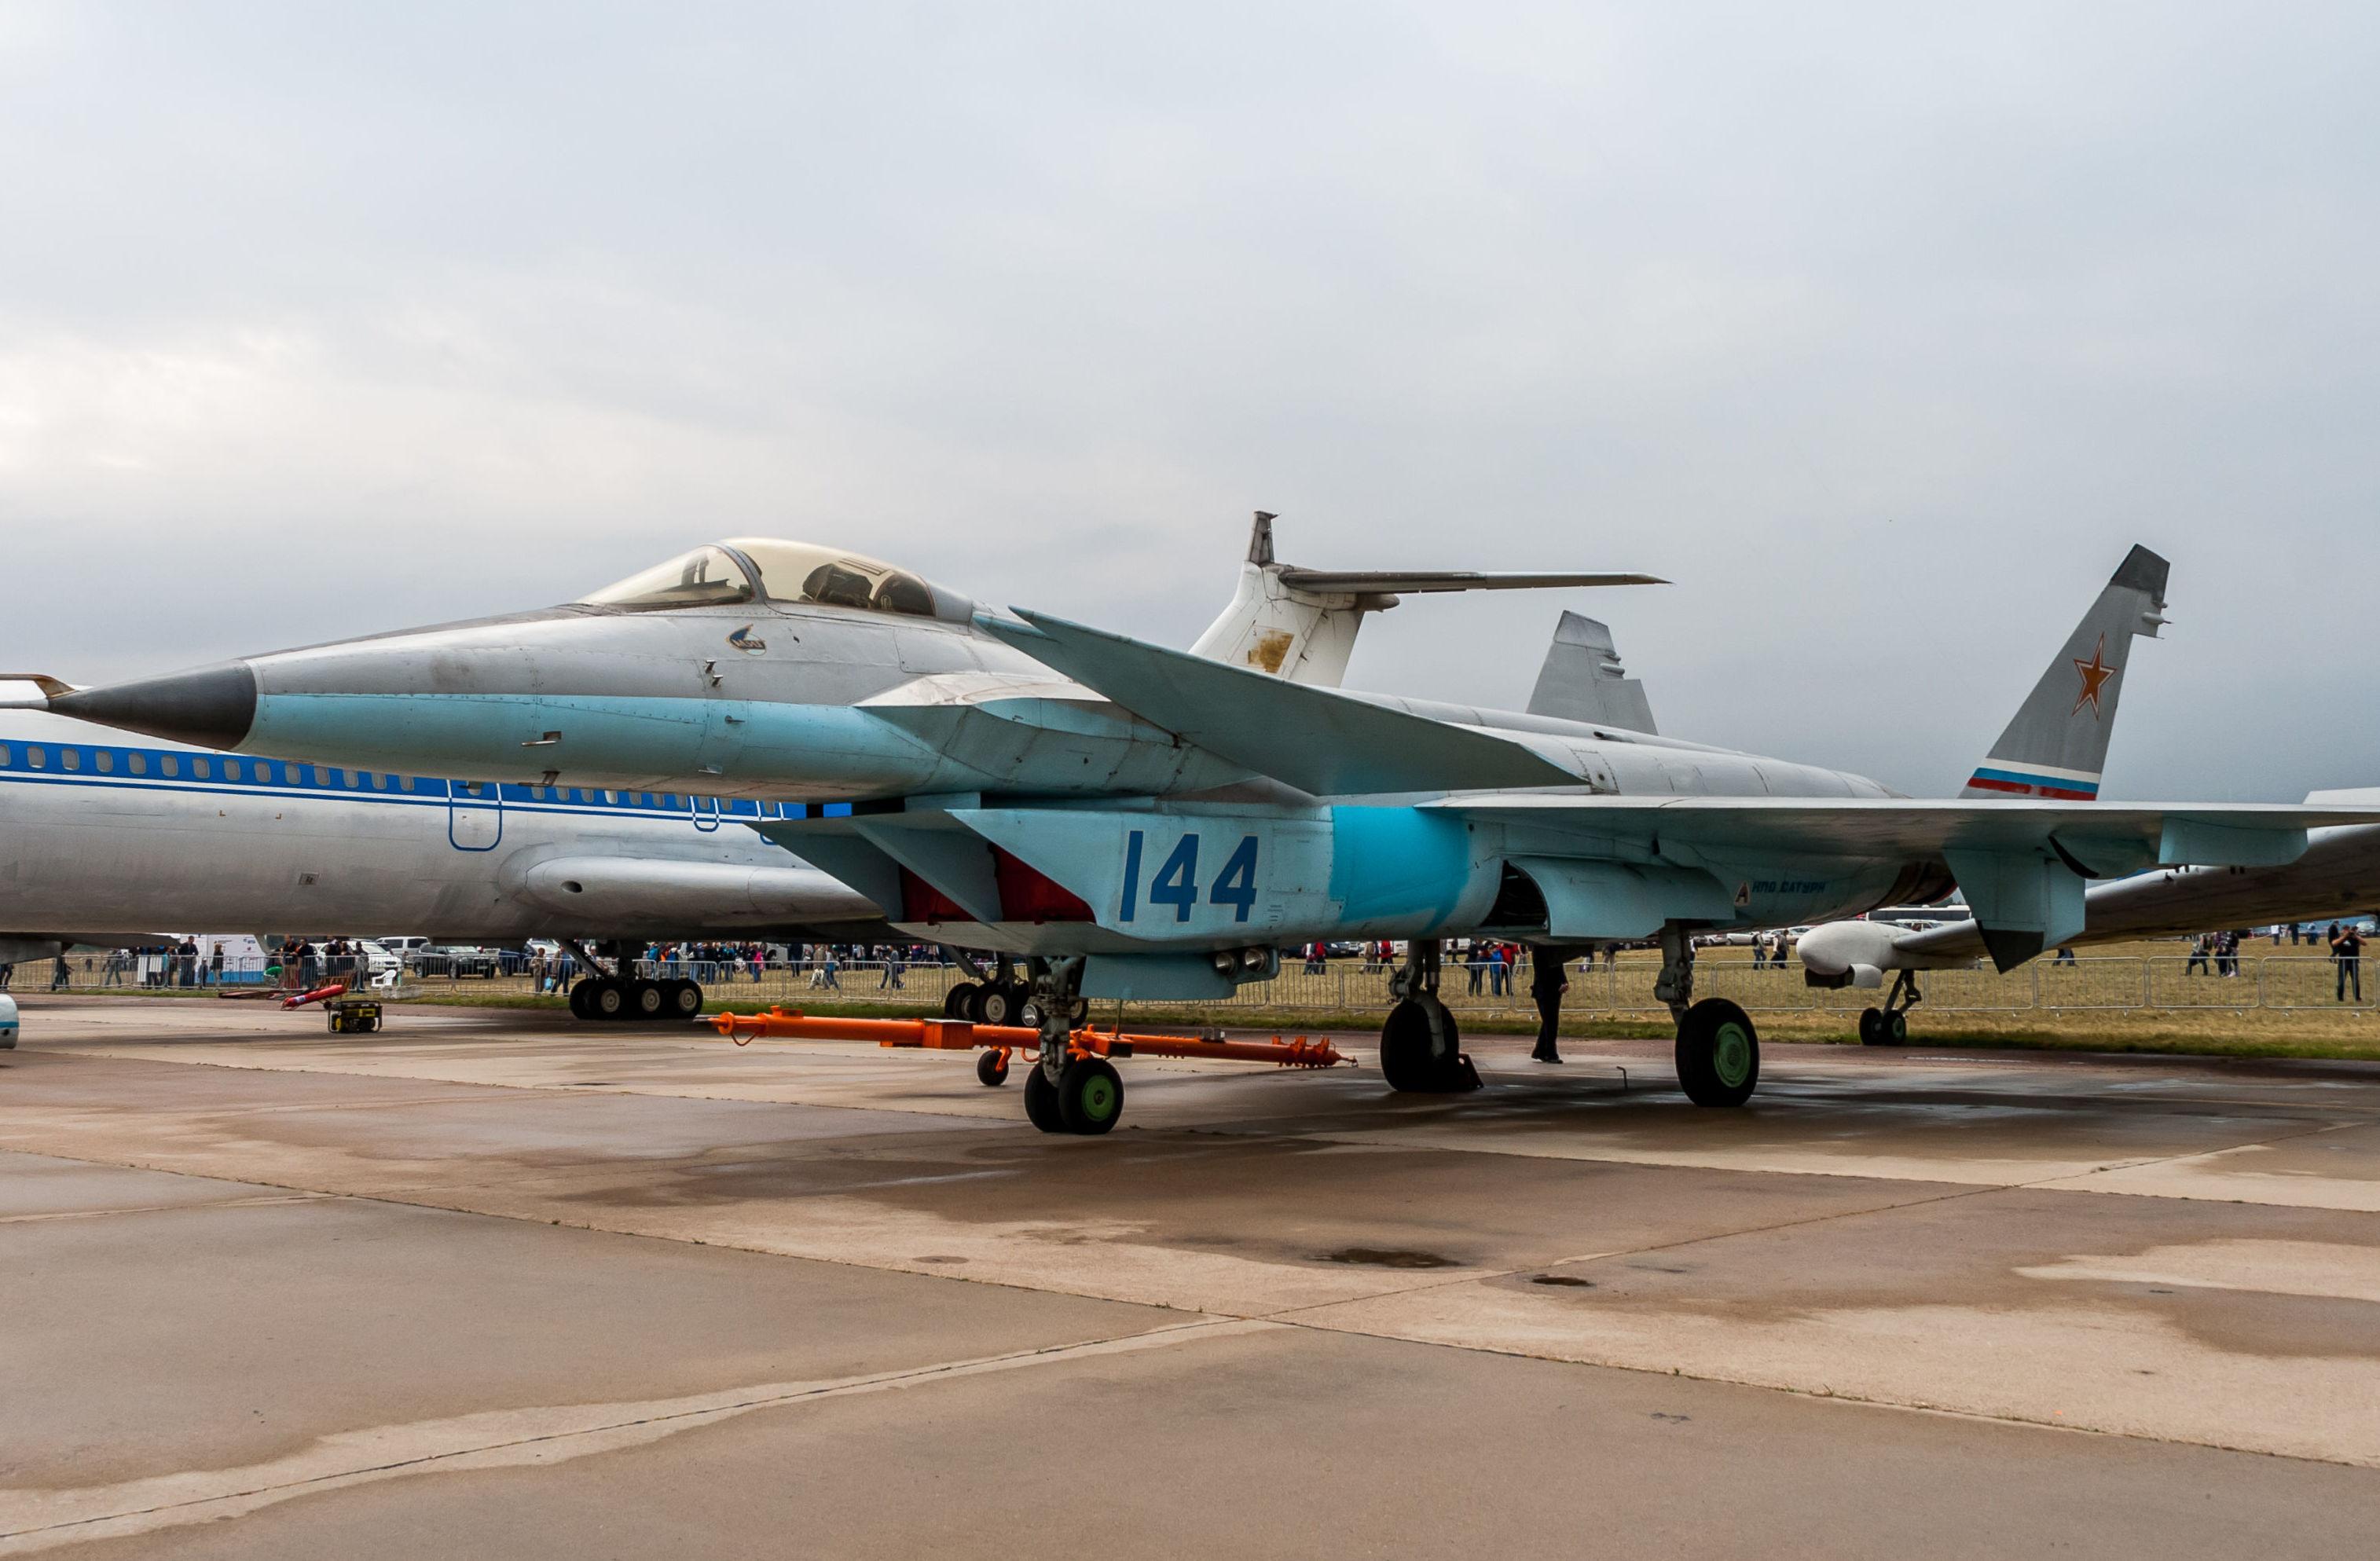 """""""ميغ 1.44""""... لماذا أقلعت مقاتلة الاتحاد السوفيتي من الجيل الخامس مرة واحدة فقط 1043547714"""